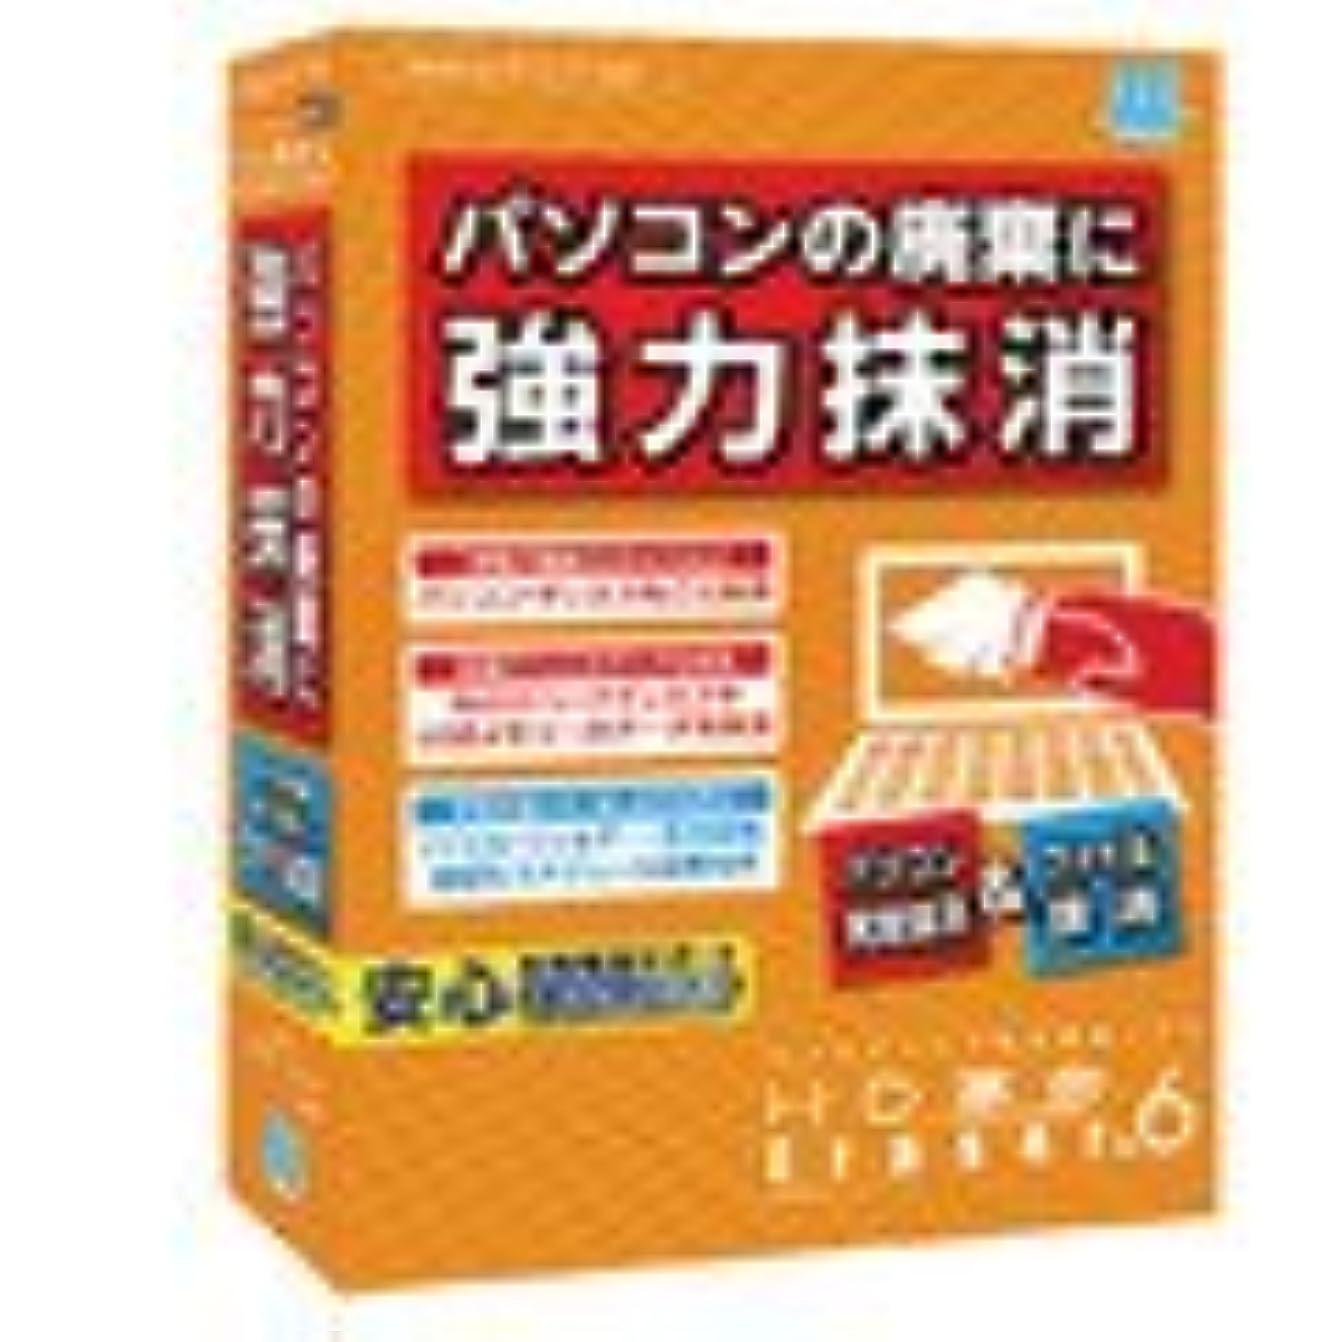 変わるレパートリーイブHD革命/Eraser Ver.6 パソコン完全抹消&ファイル抹消 通常版